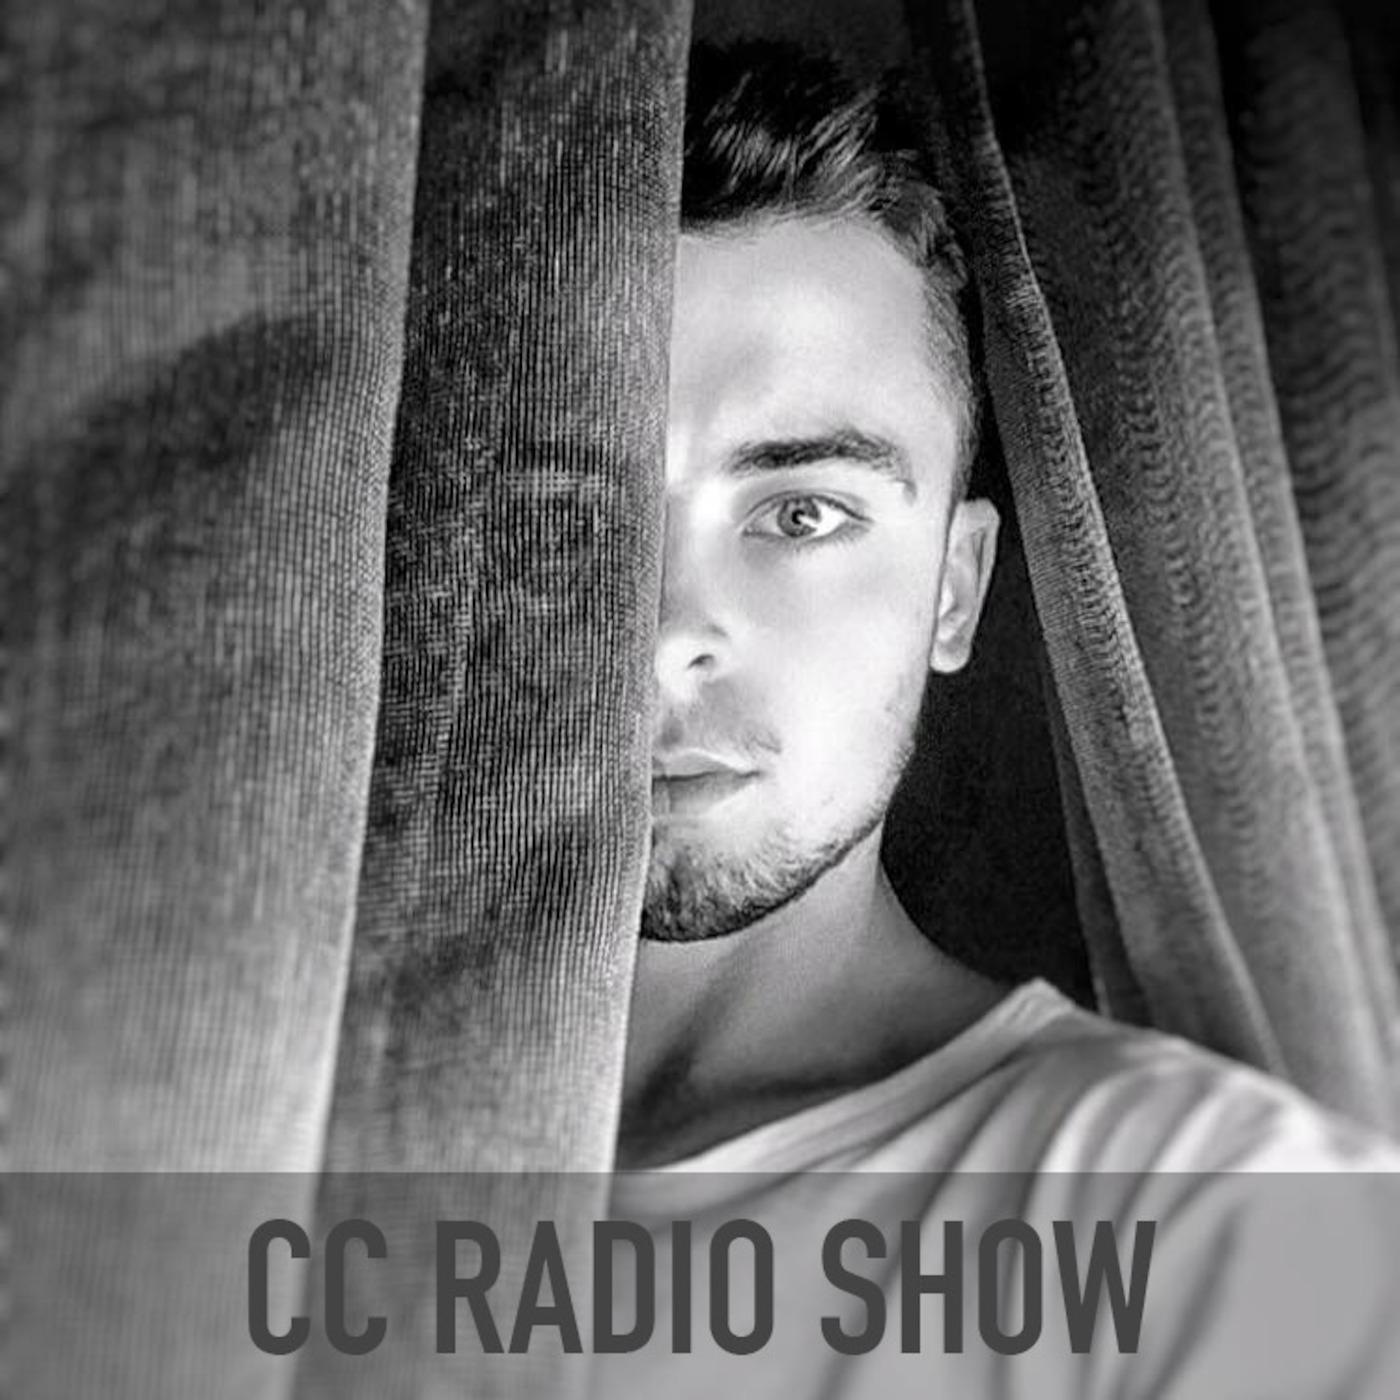 CC Radio Show